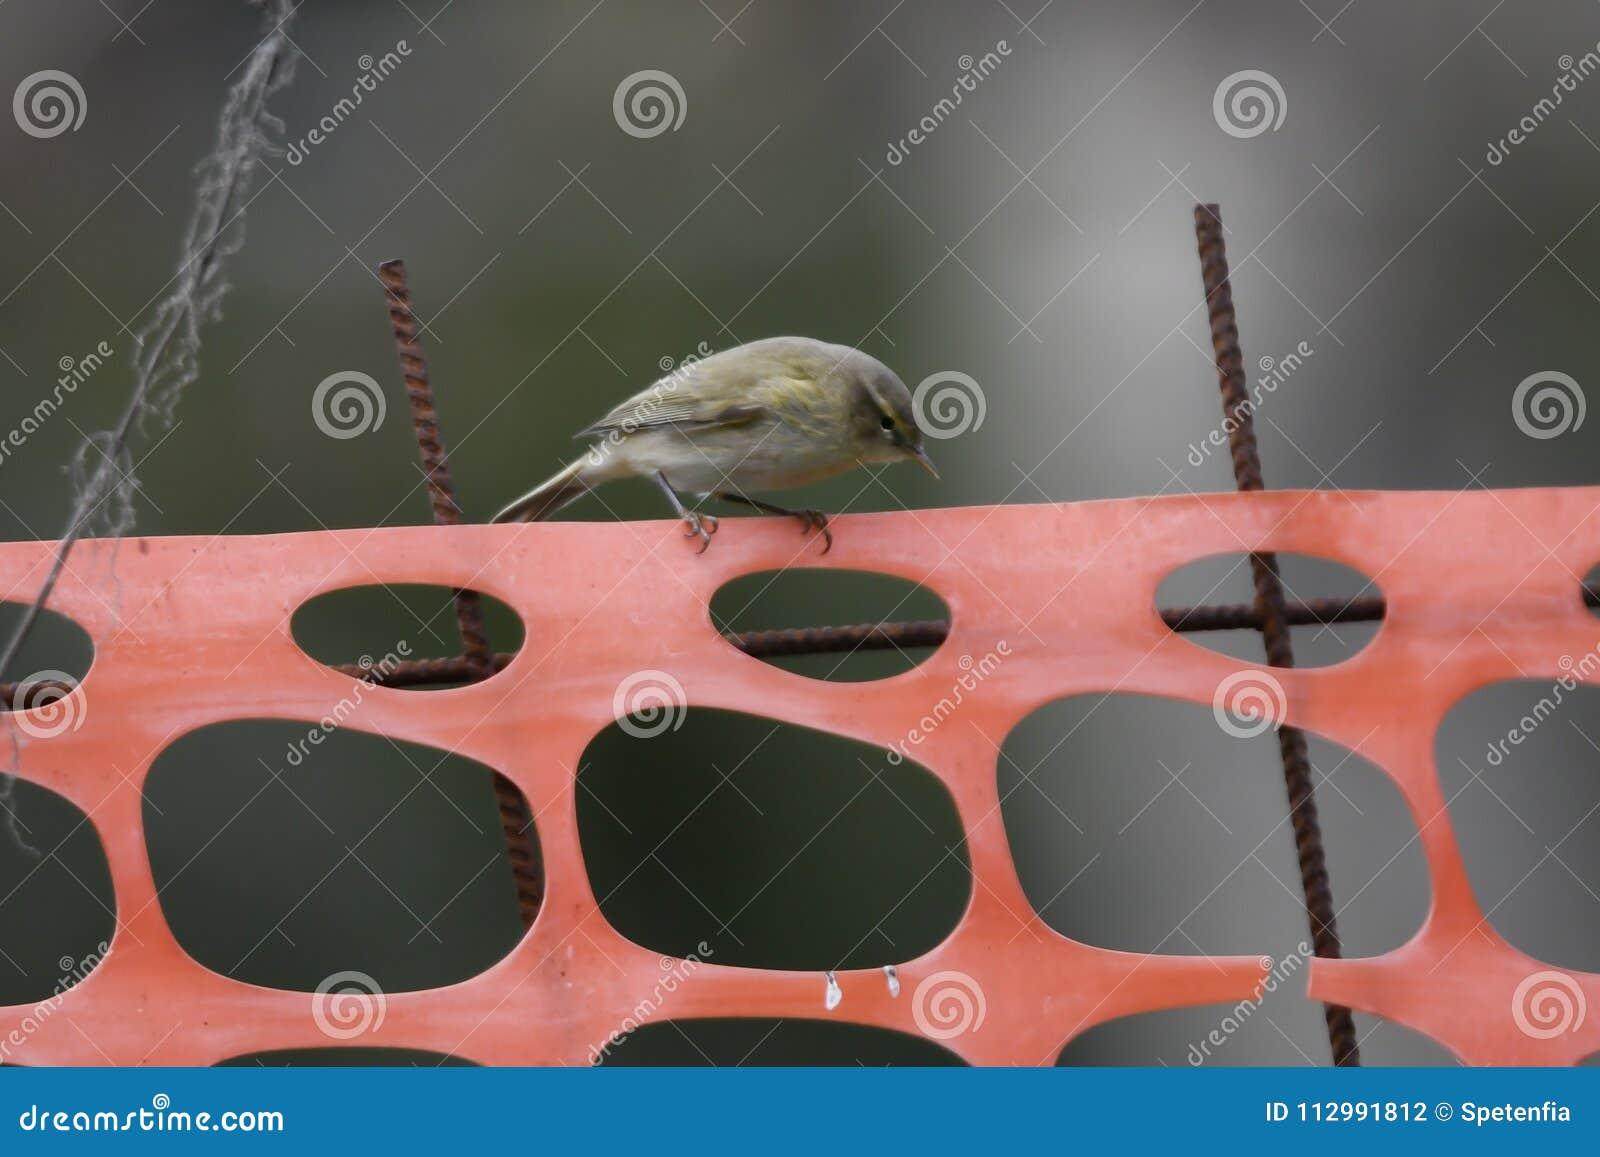 Phylloscopus collybita bird